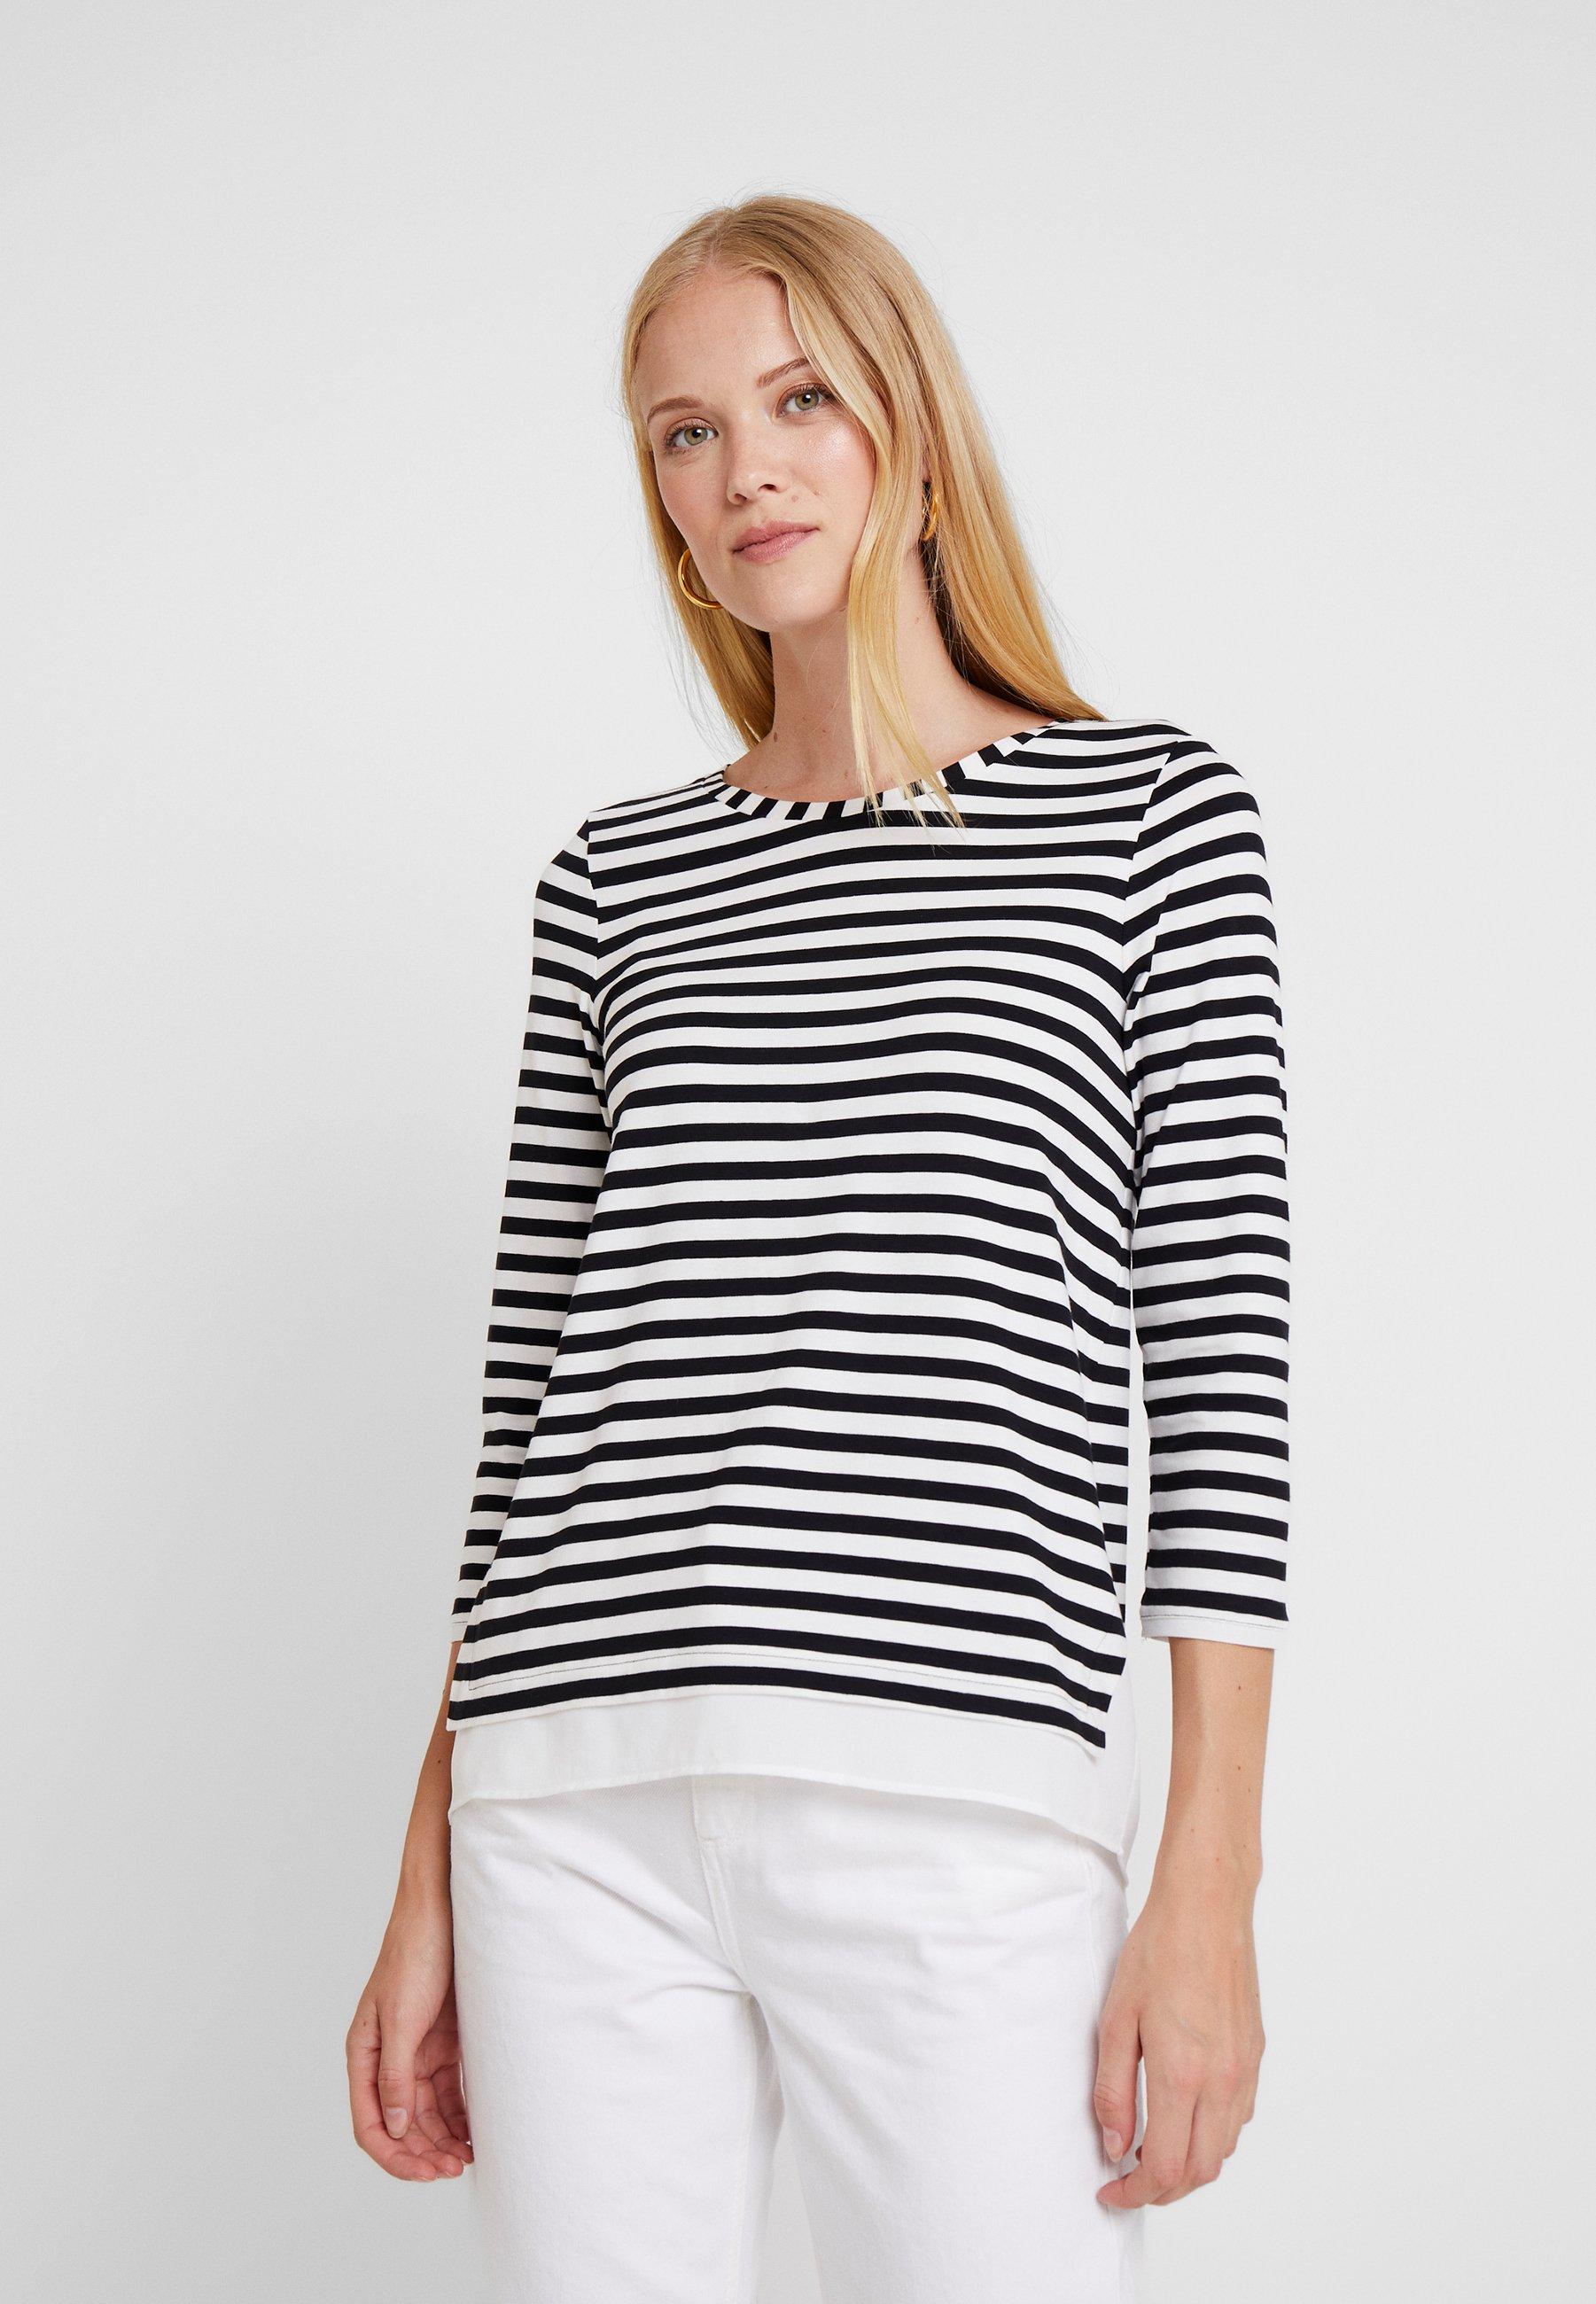 Esprit Manches Longues À StripedT Collection shirt Black sChrQtdx